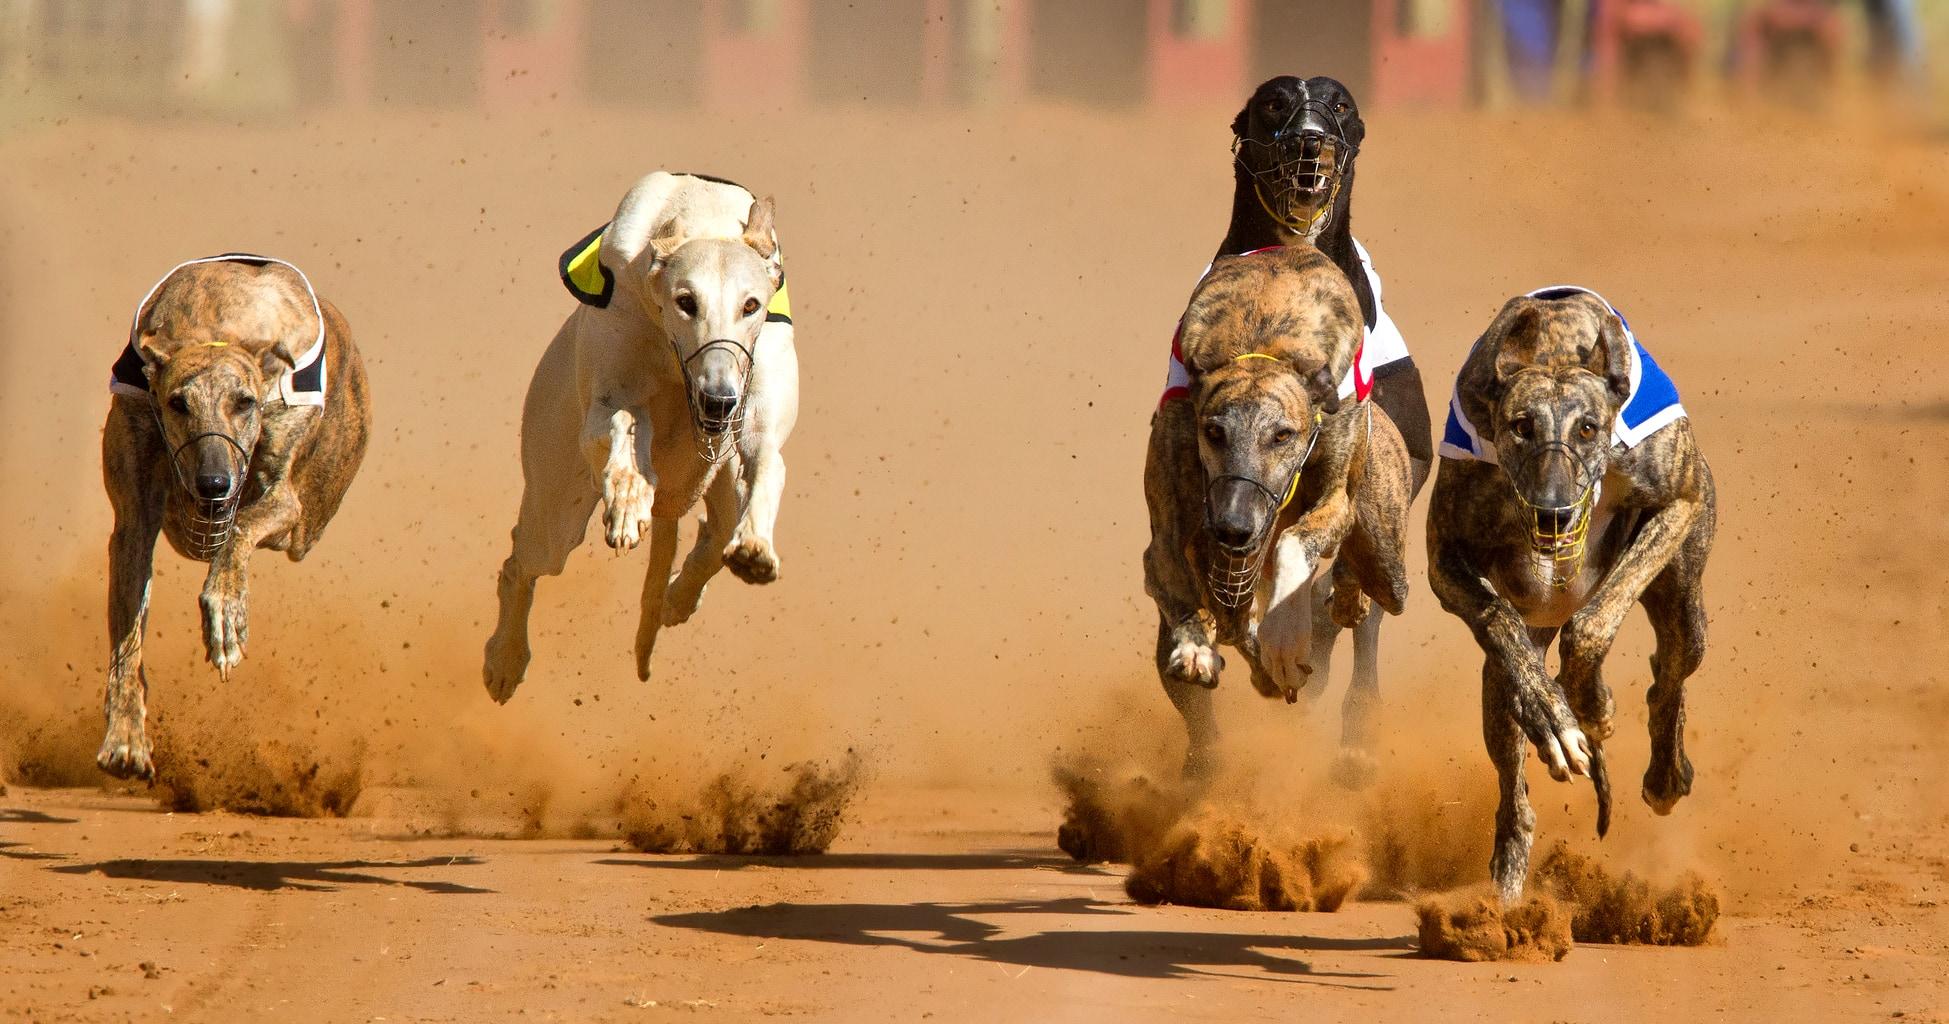 51616  Arizona Puts An End To Greyhound Racing1